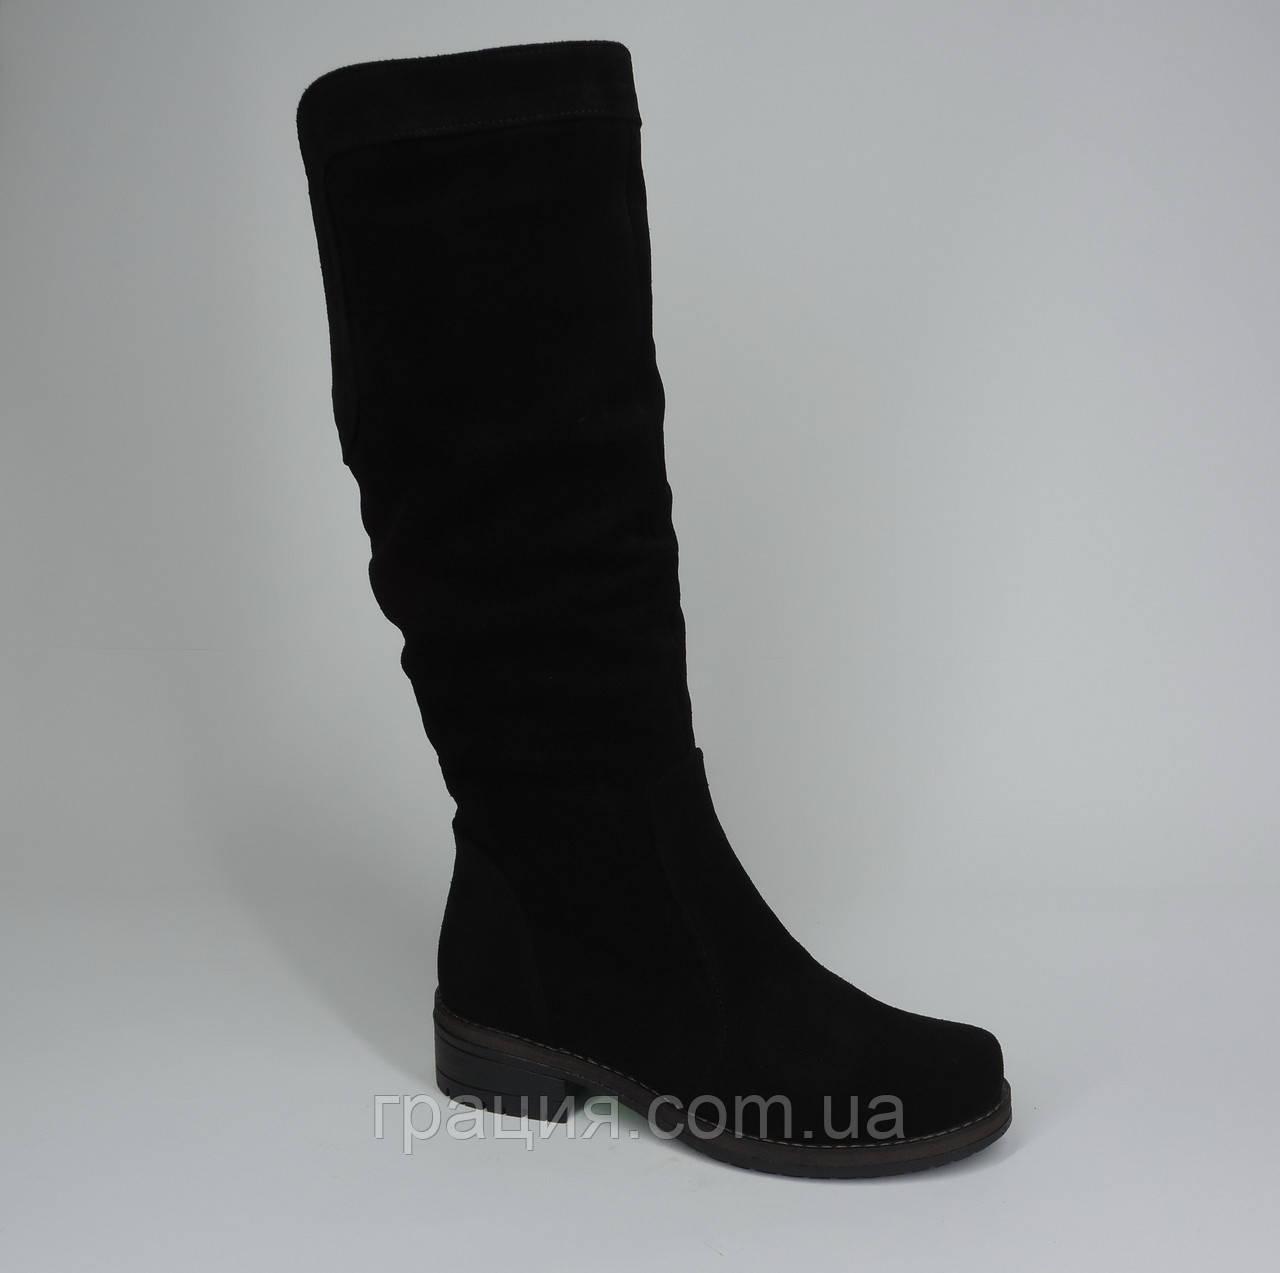 Зимние женские замшевые черные сапоги